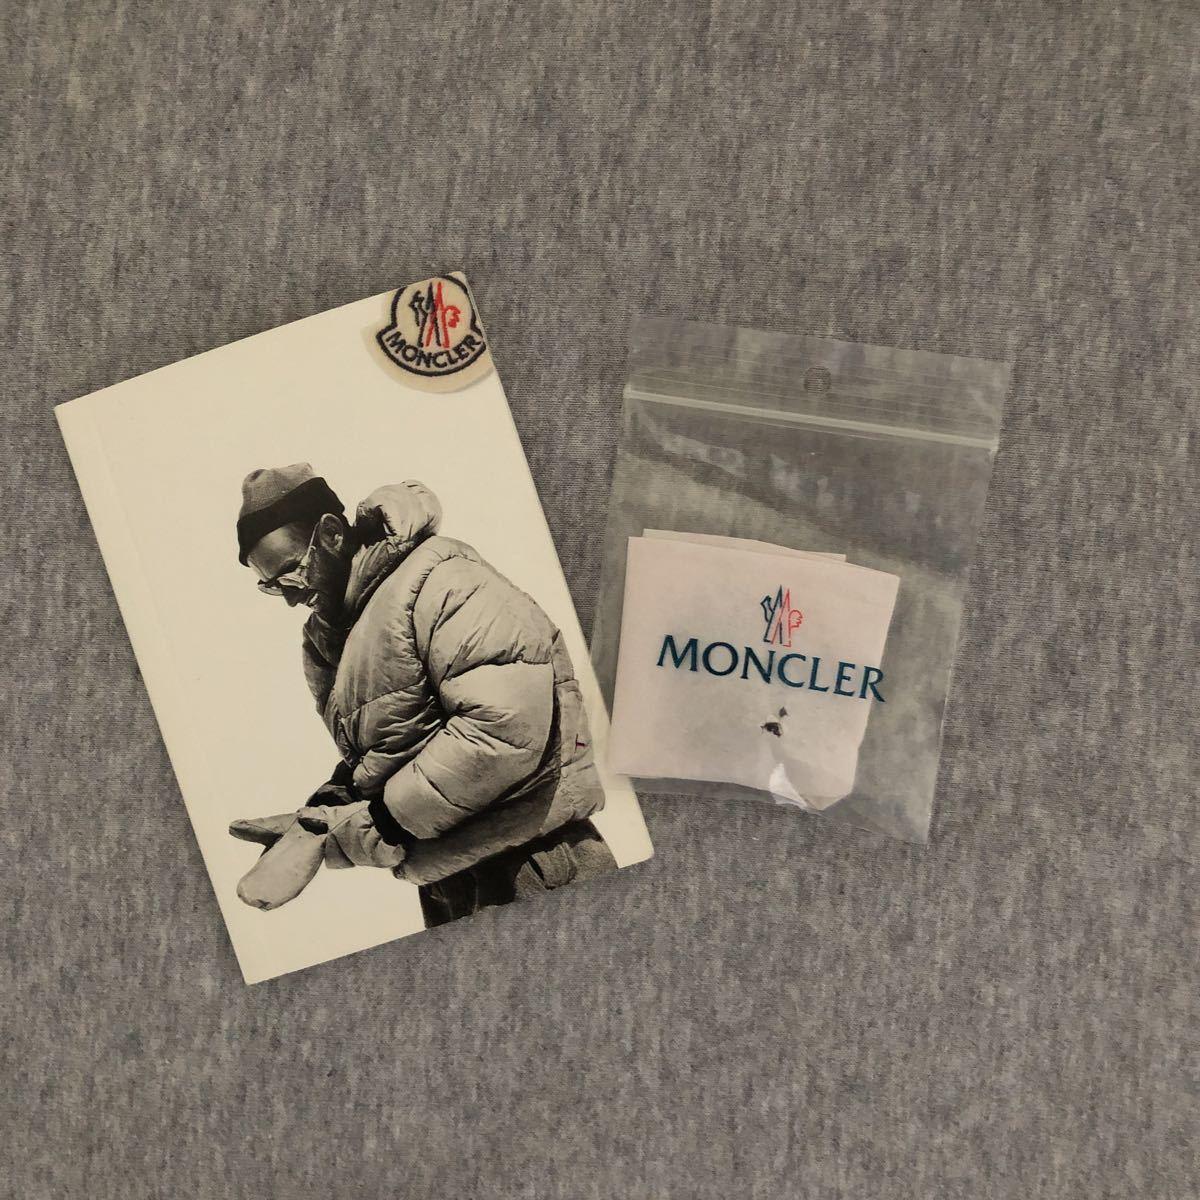 新品 本物 モンクレール MONCLER ジャケット ダウンジャケット サイズ 4 ブルー メンズ ダブルジップアップ パーカー THOMAS 大人気!_画像9